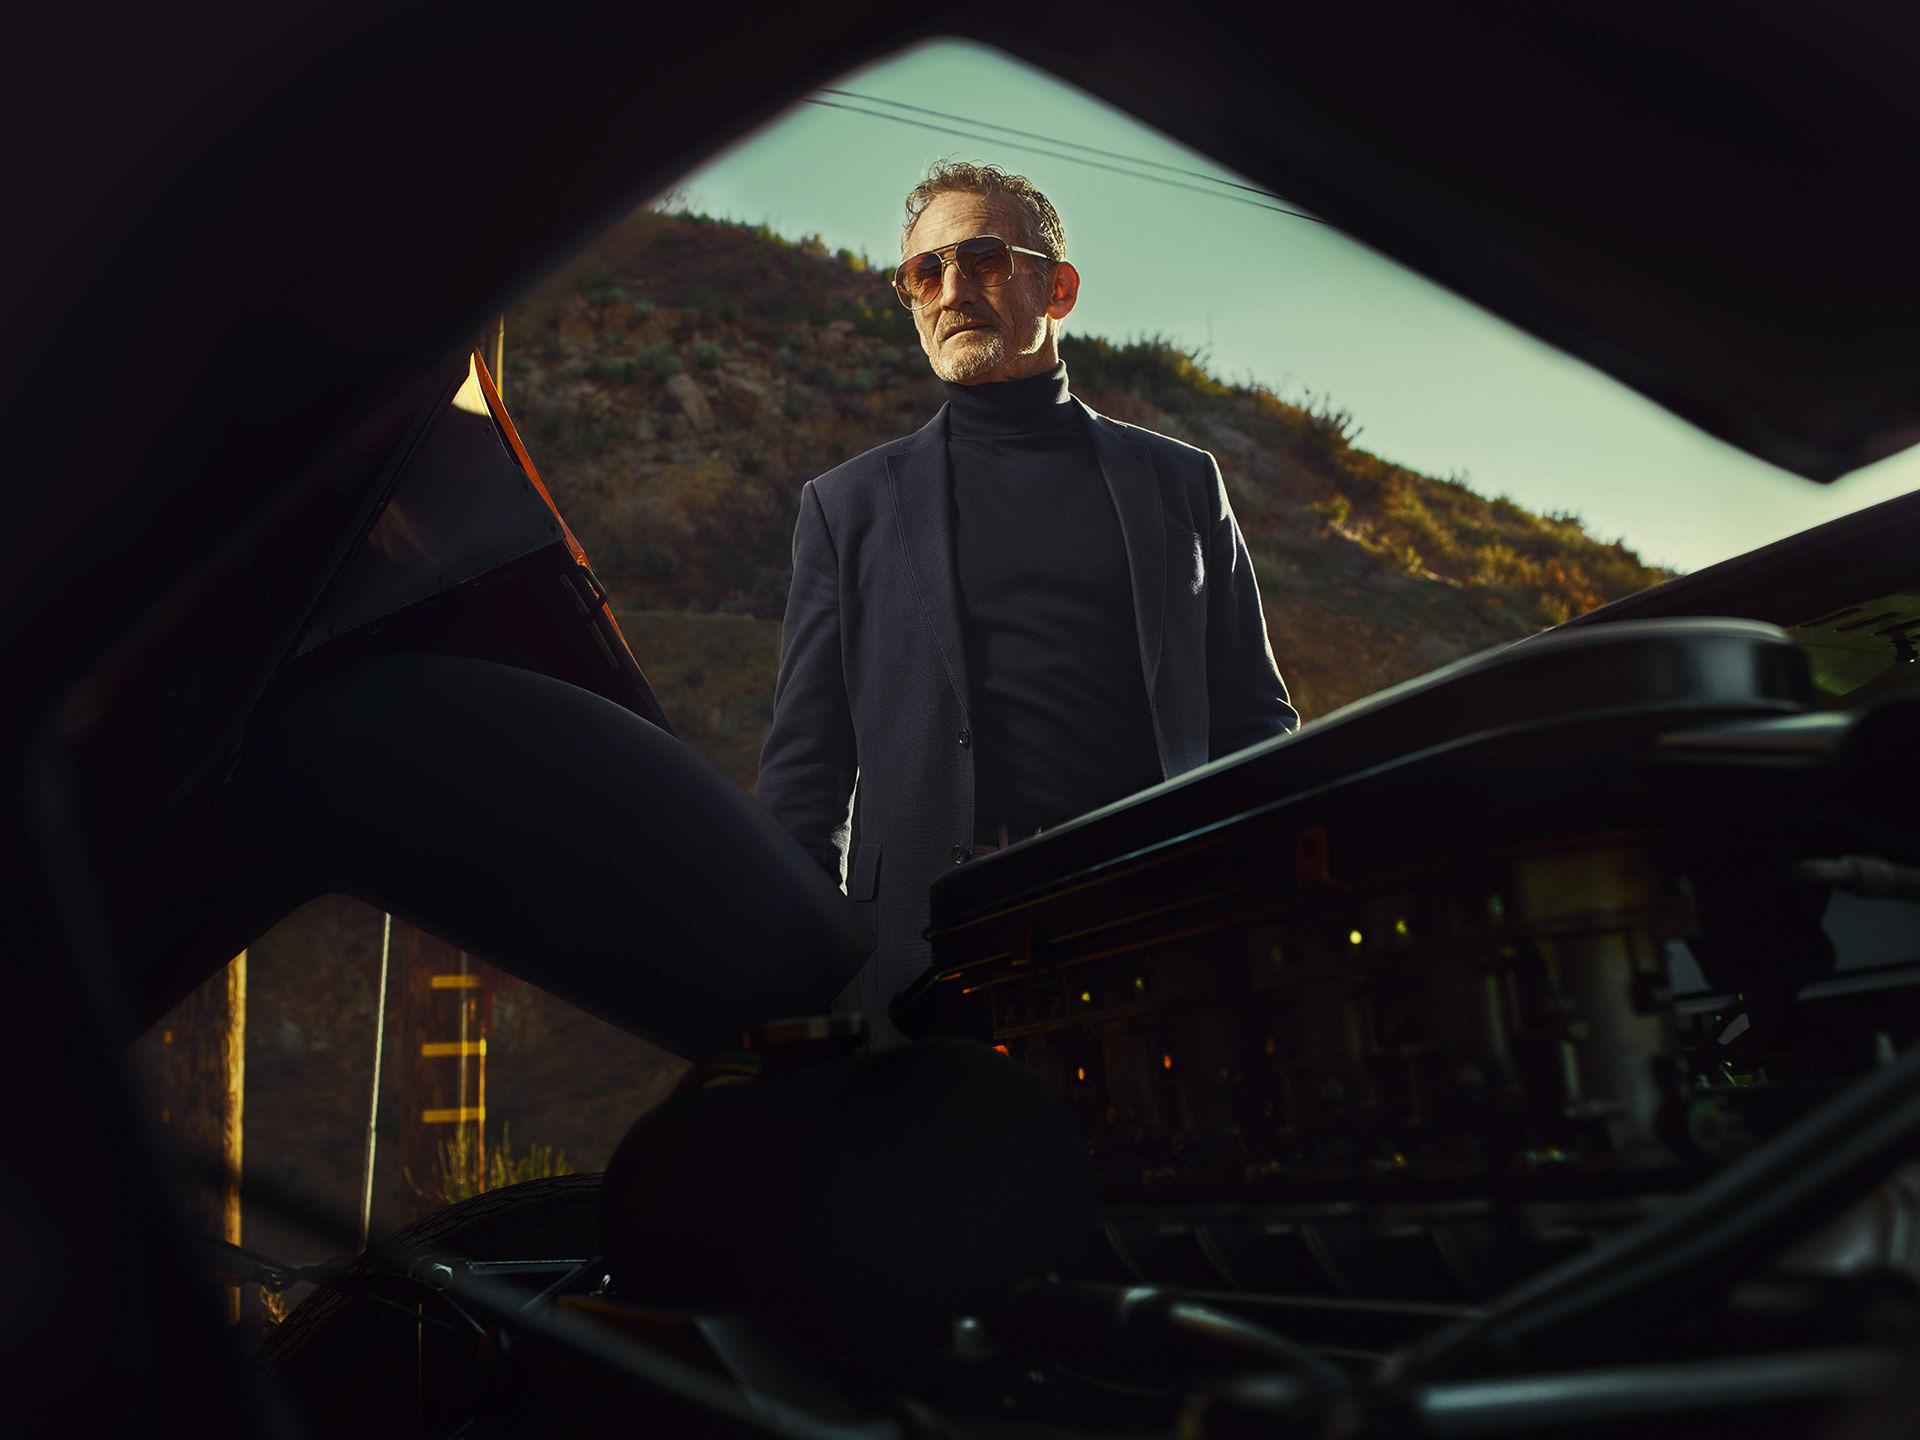 The Californian Job - eine Hommage von Anke Luckmann